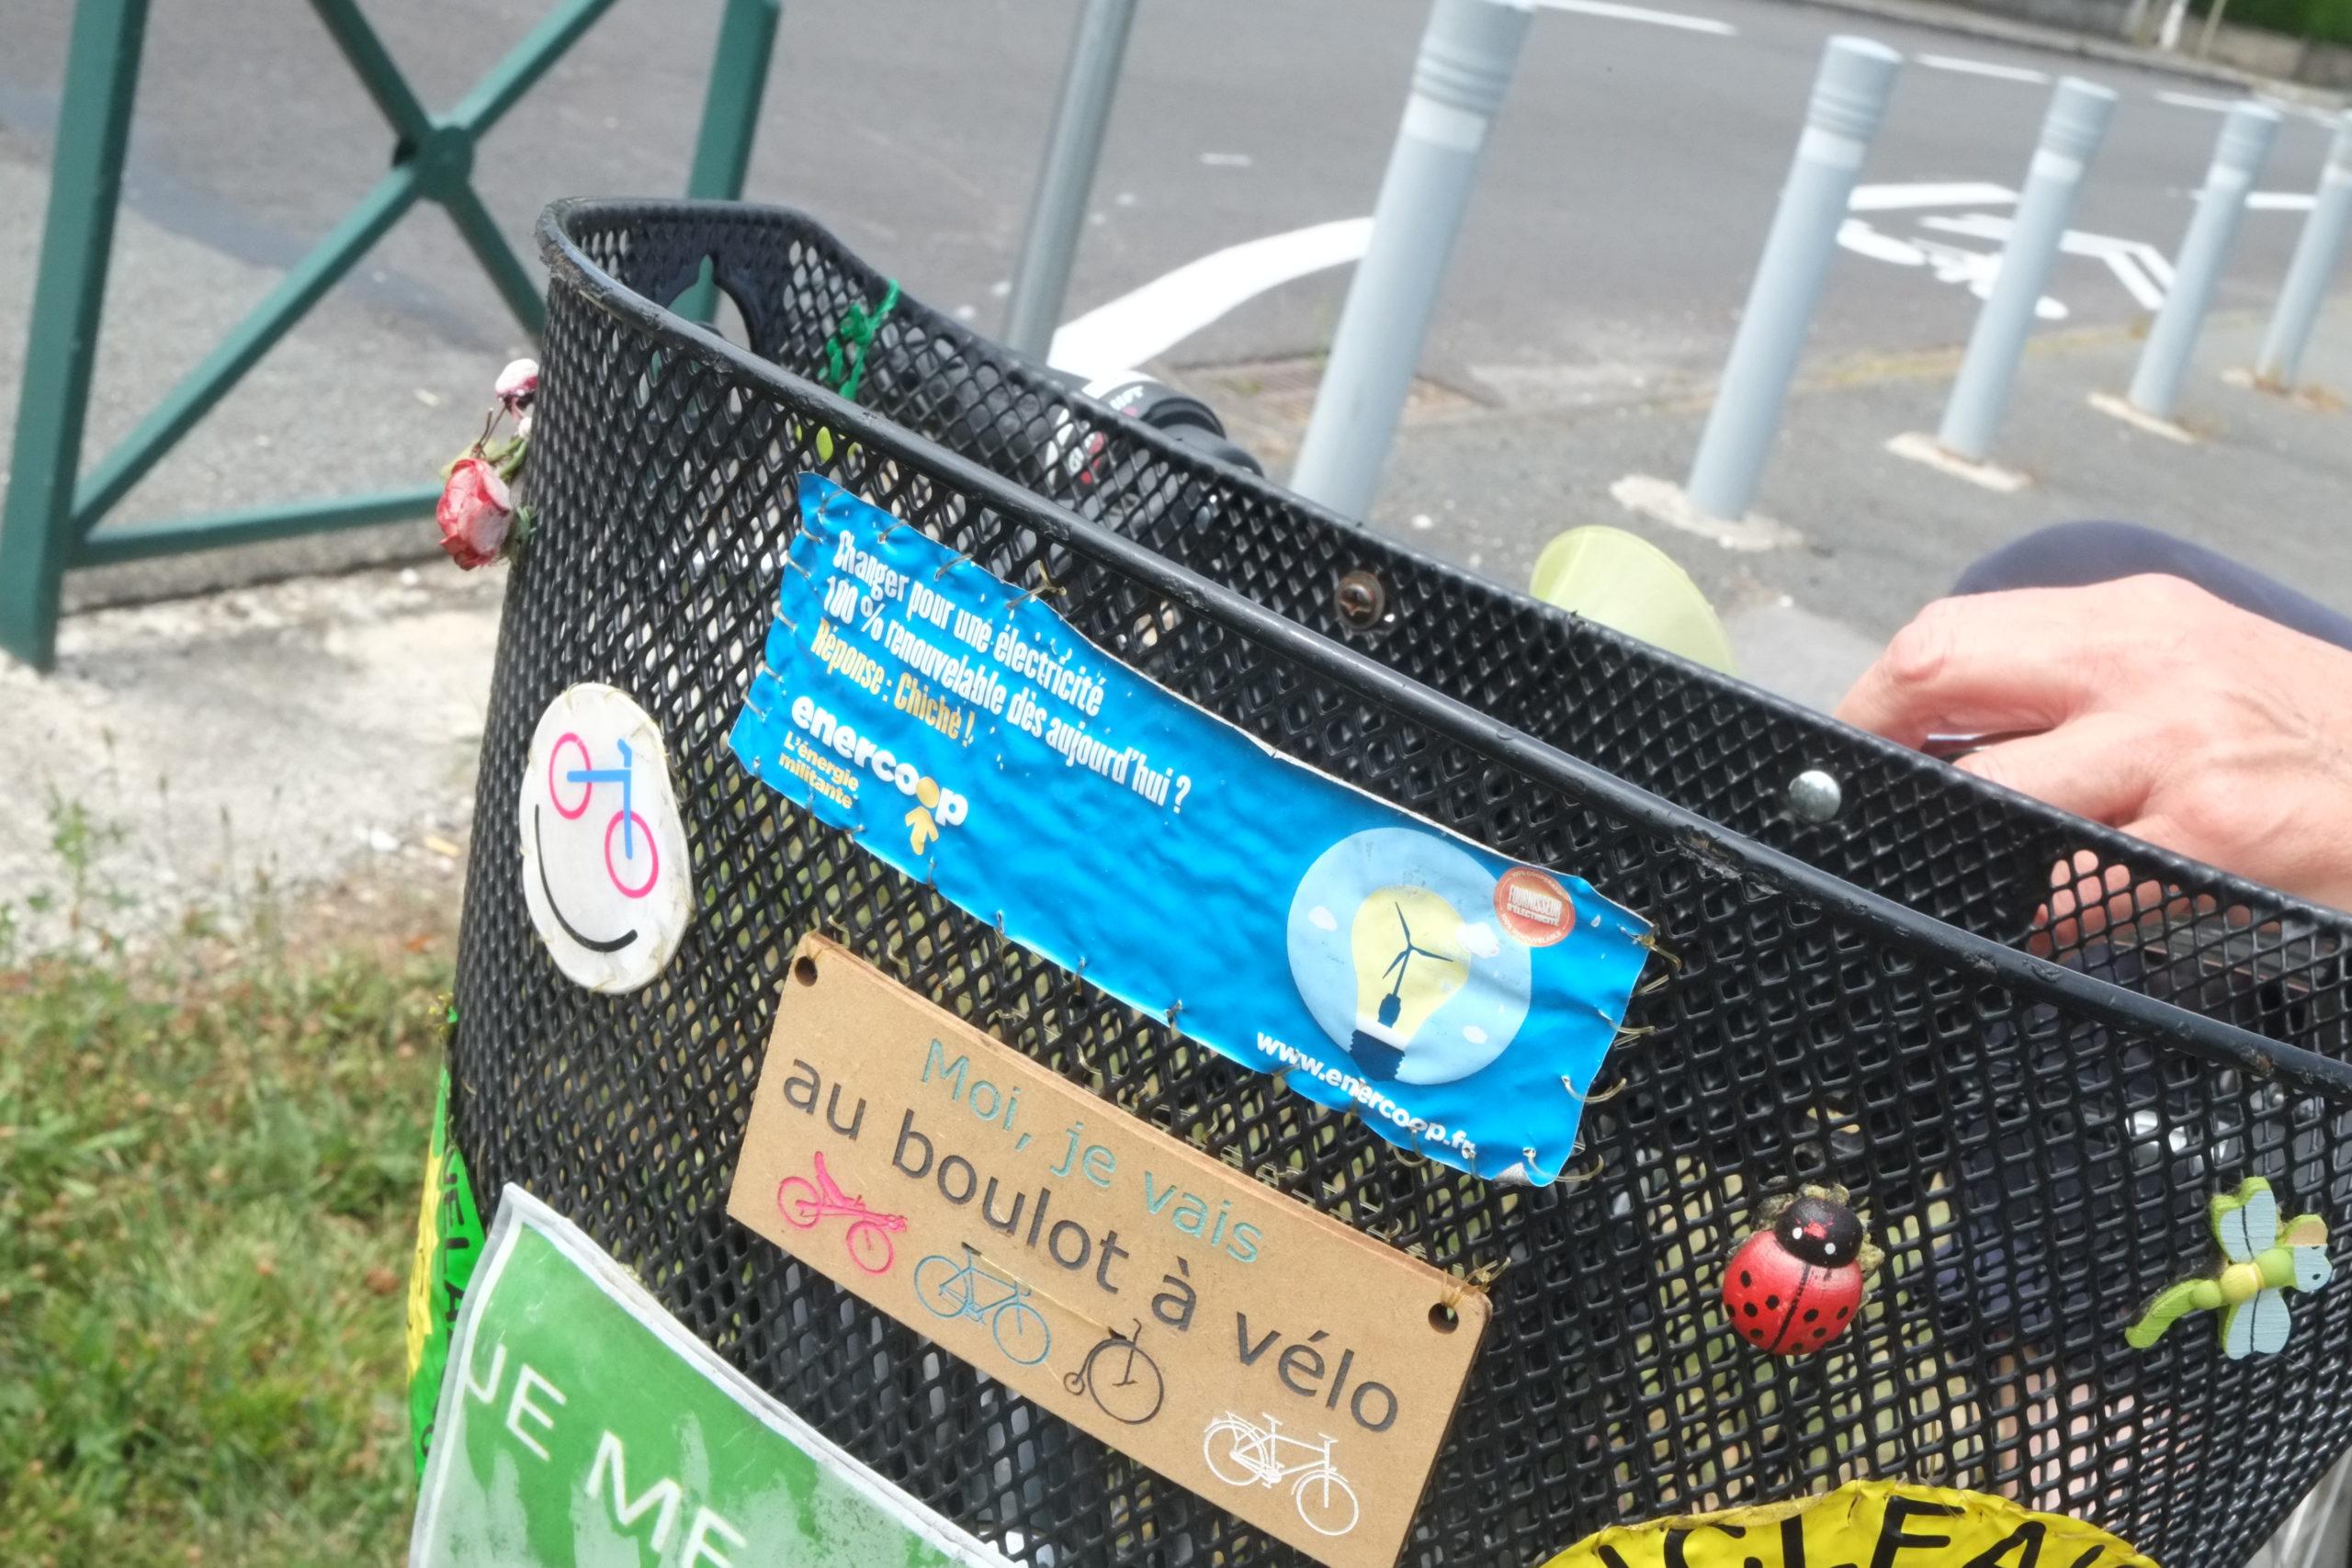 L'association Vélocité du pays de Montbéliard organise la 4e édition du challenge Au boulot en vélo.